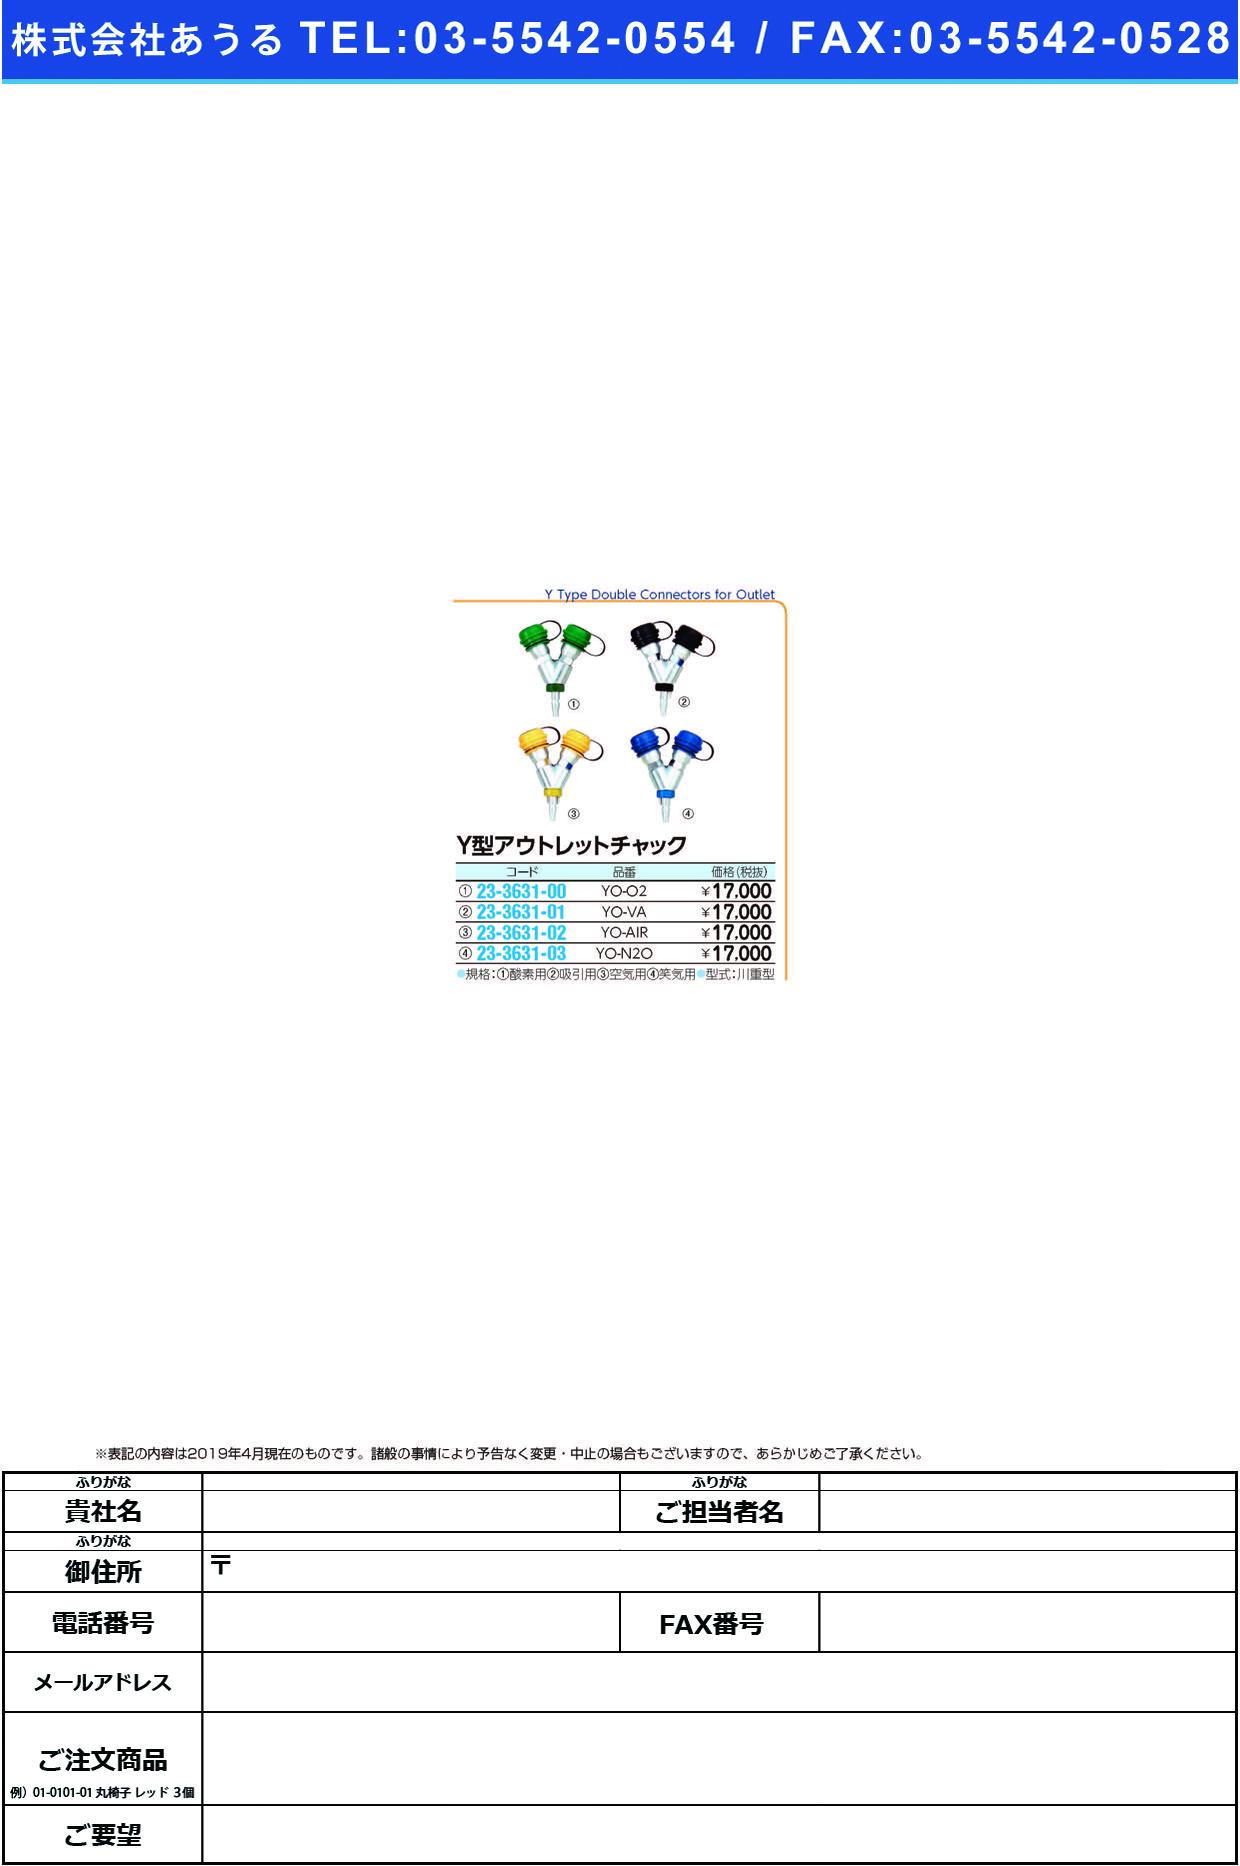 (23-3631-01)Y型アウトレットチャック(吸引用) YO-VA Yガタアウトレットチャック(キュウイン(ブルークロス・エマージェンシー)【1個単位】【2019年カタログ商品】